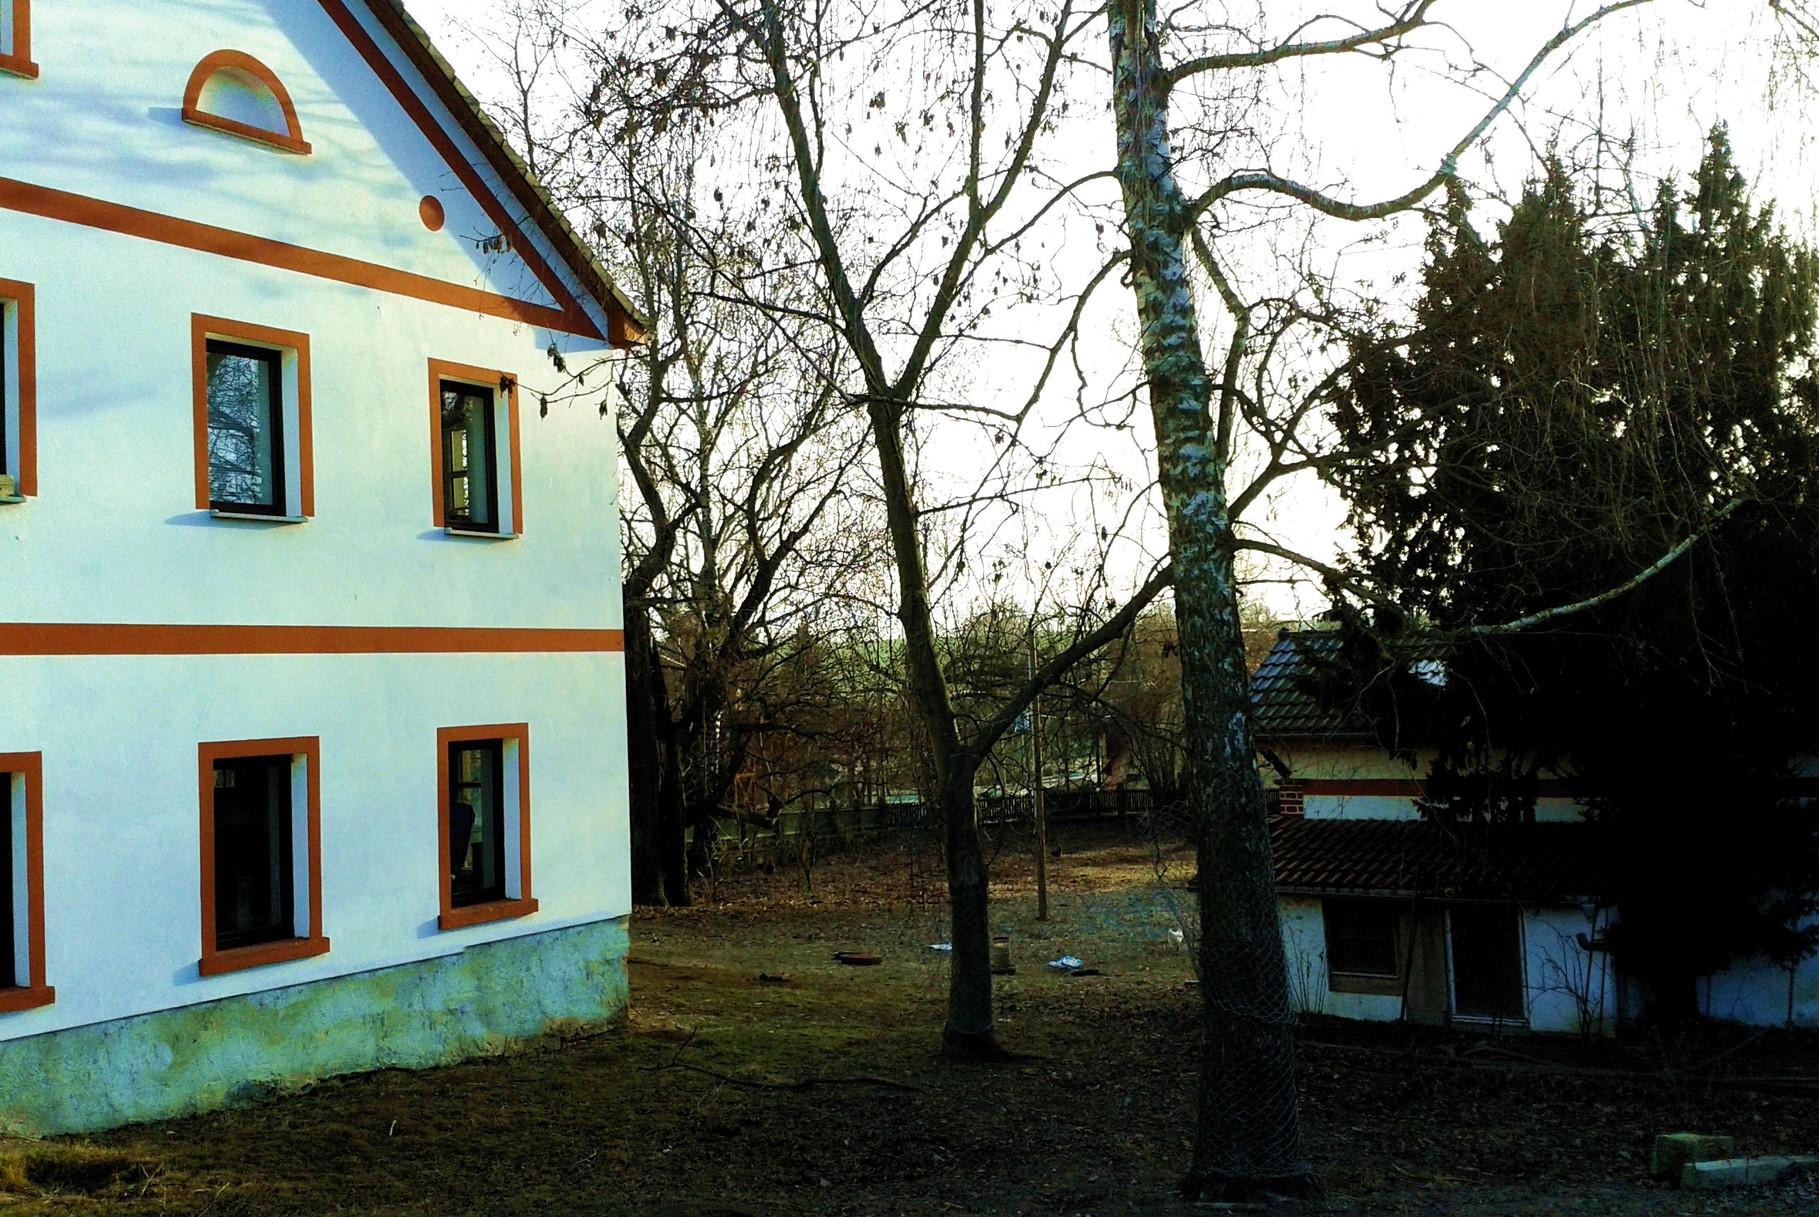 Wohnhaus mit Hühnergarten